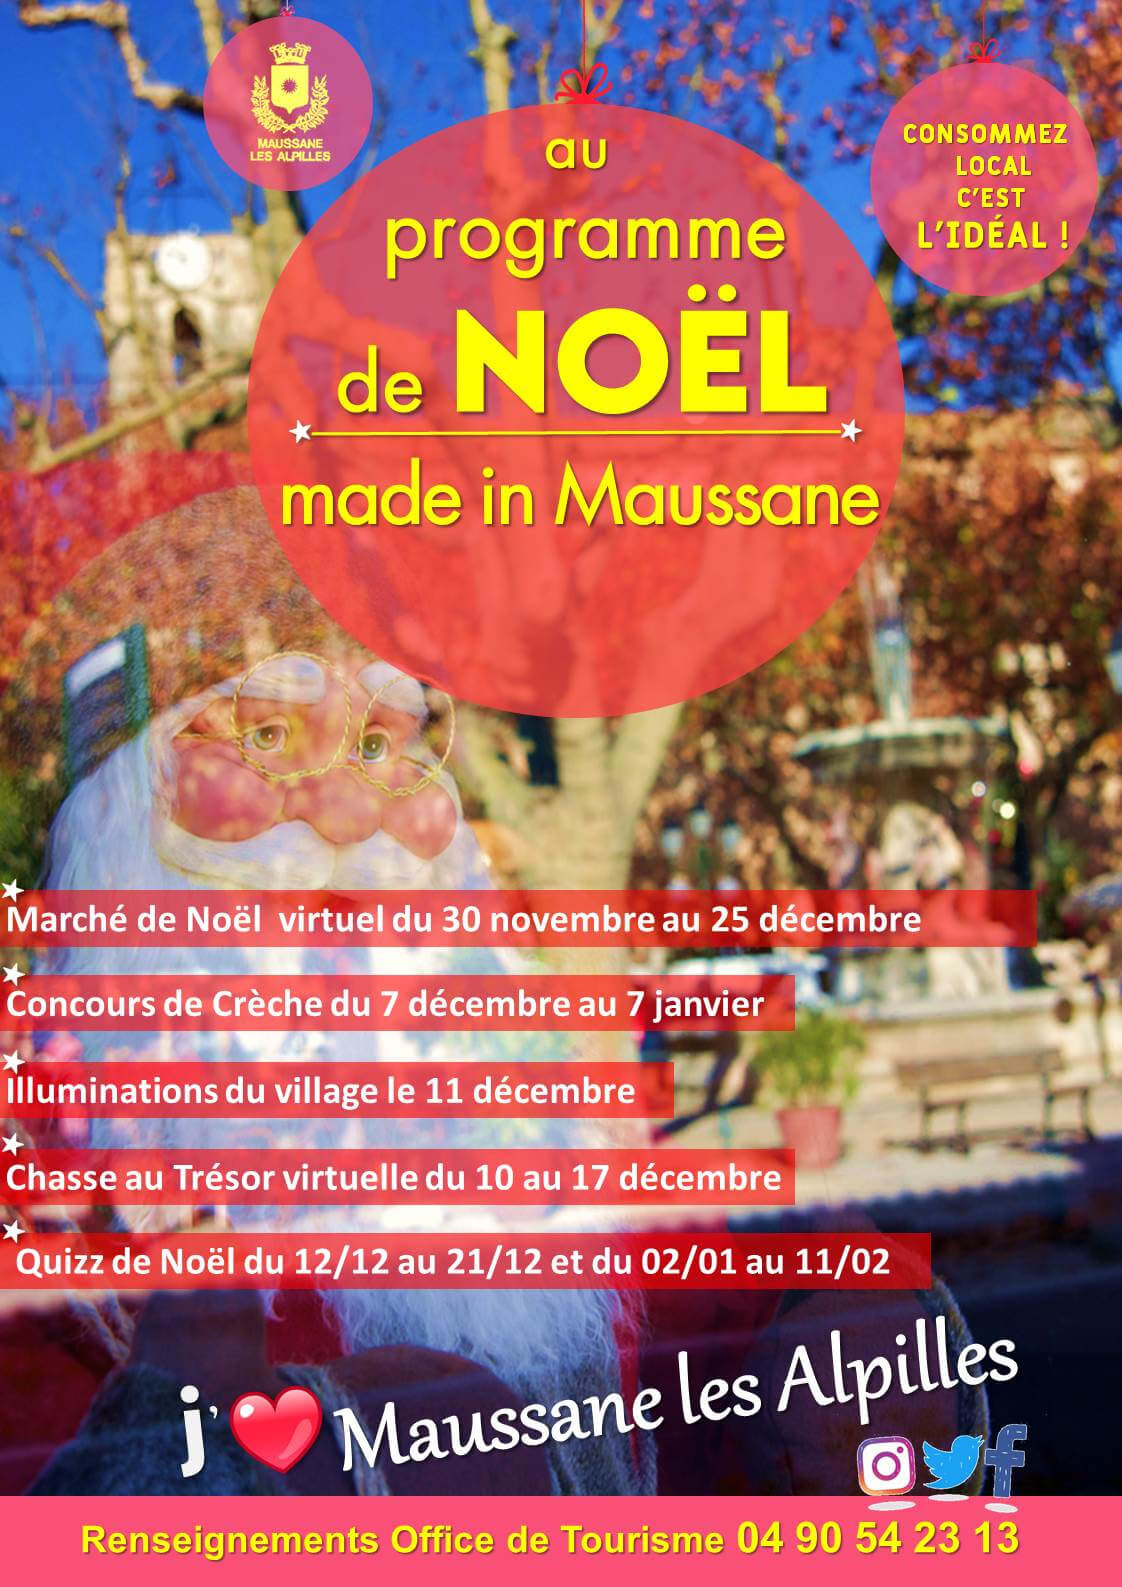 fêtes de Noël 2020 à Maussane